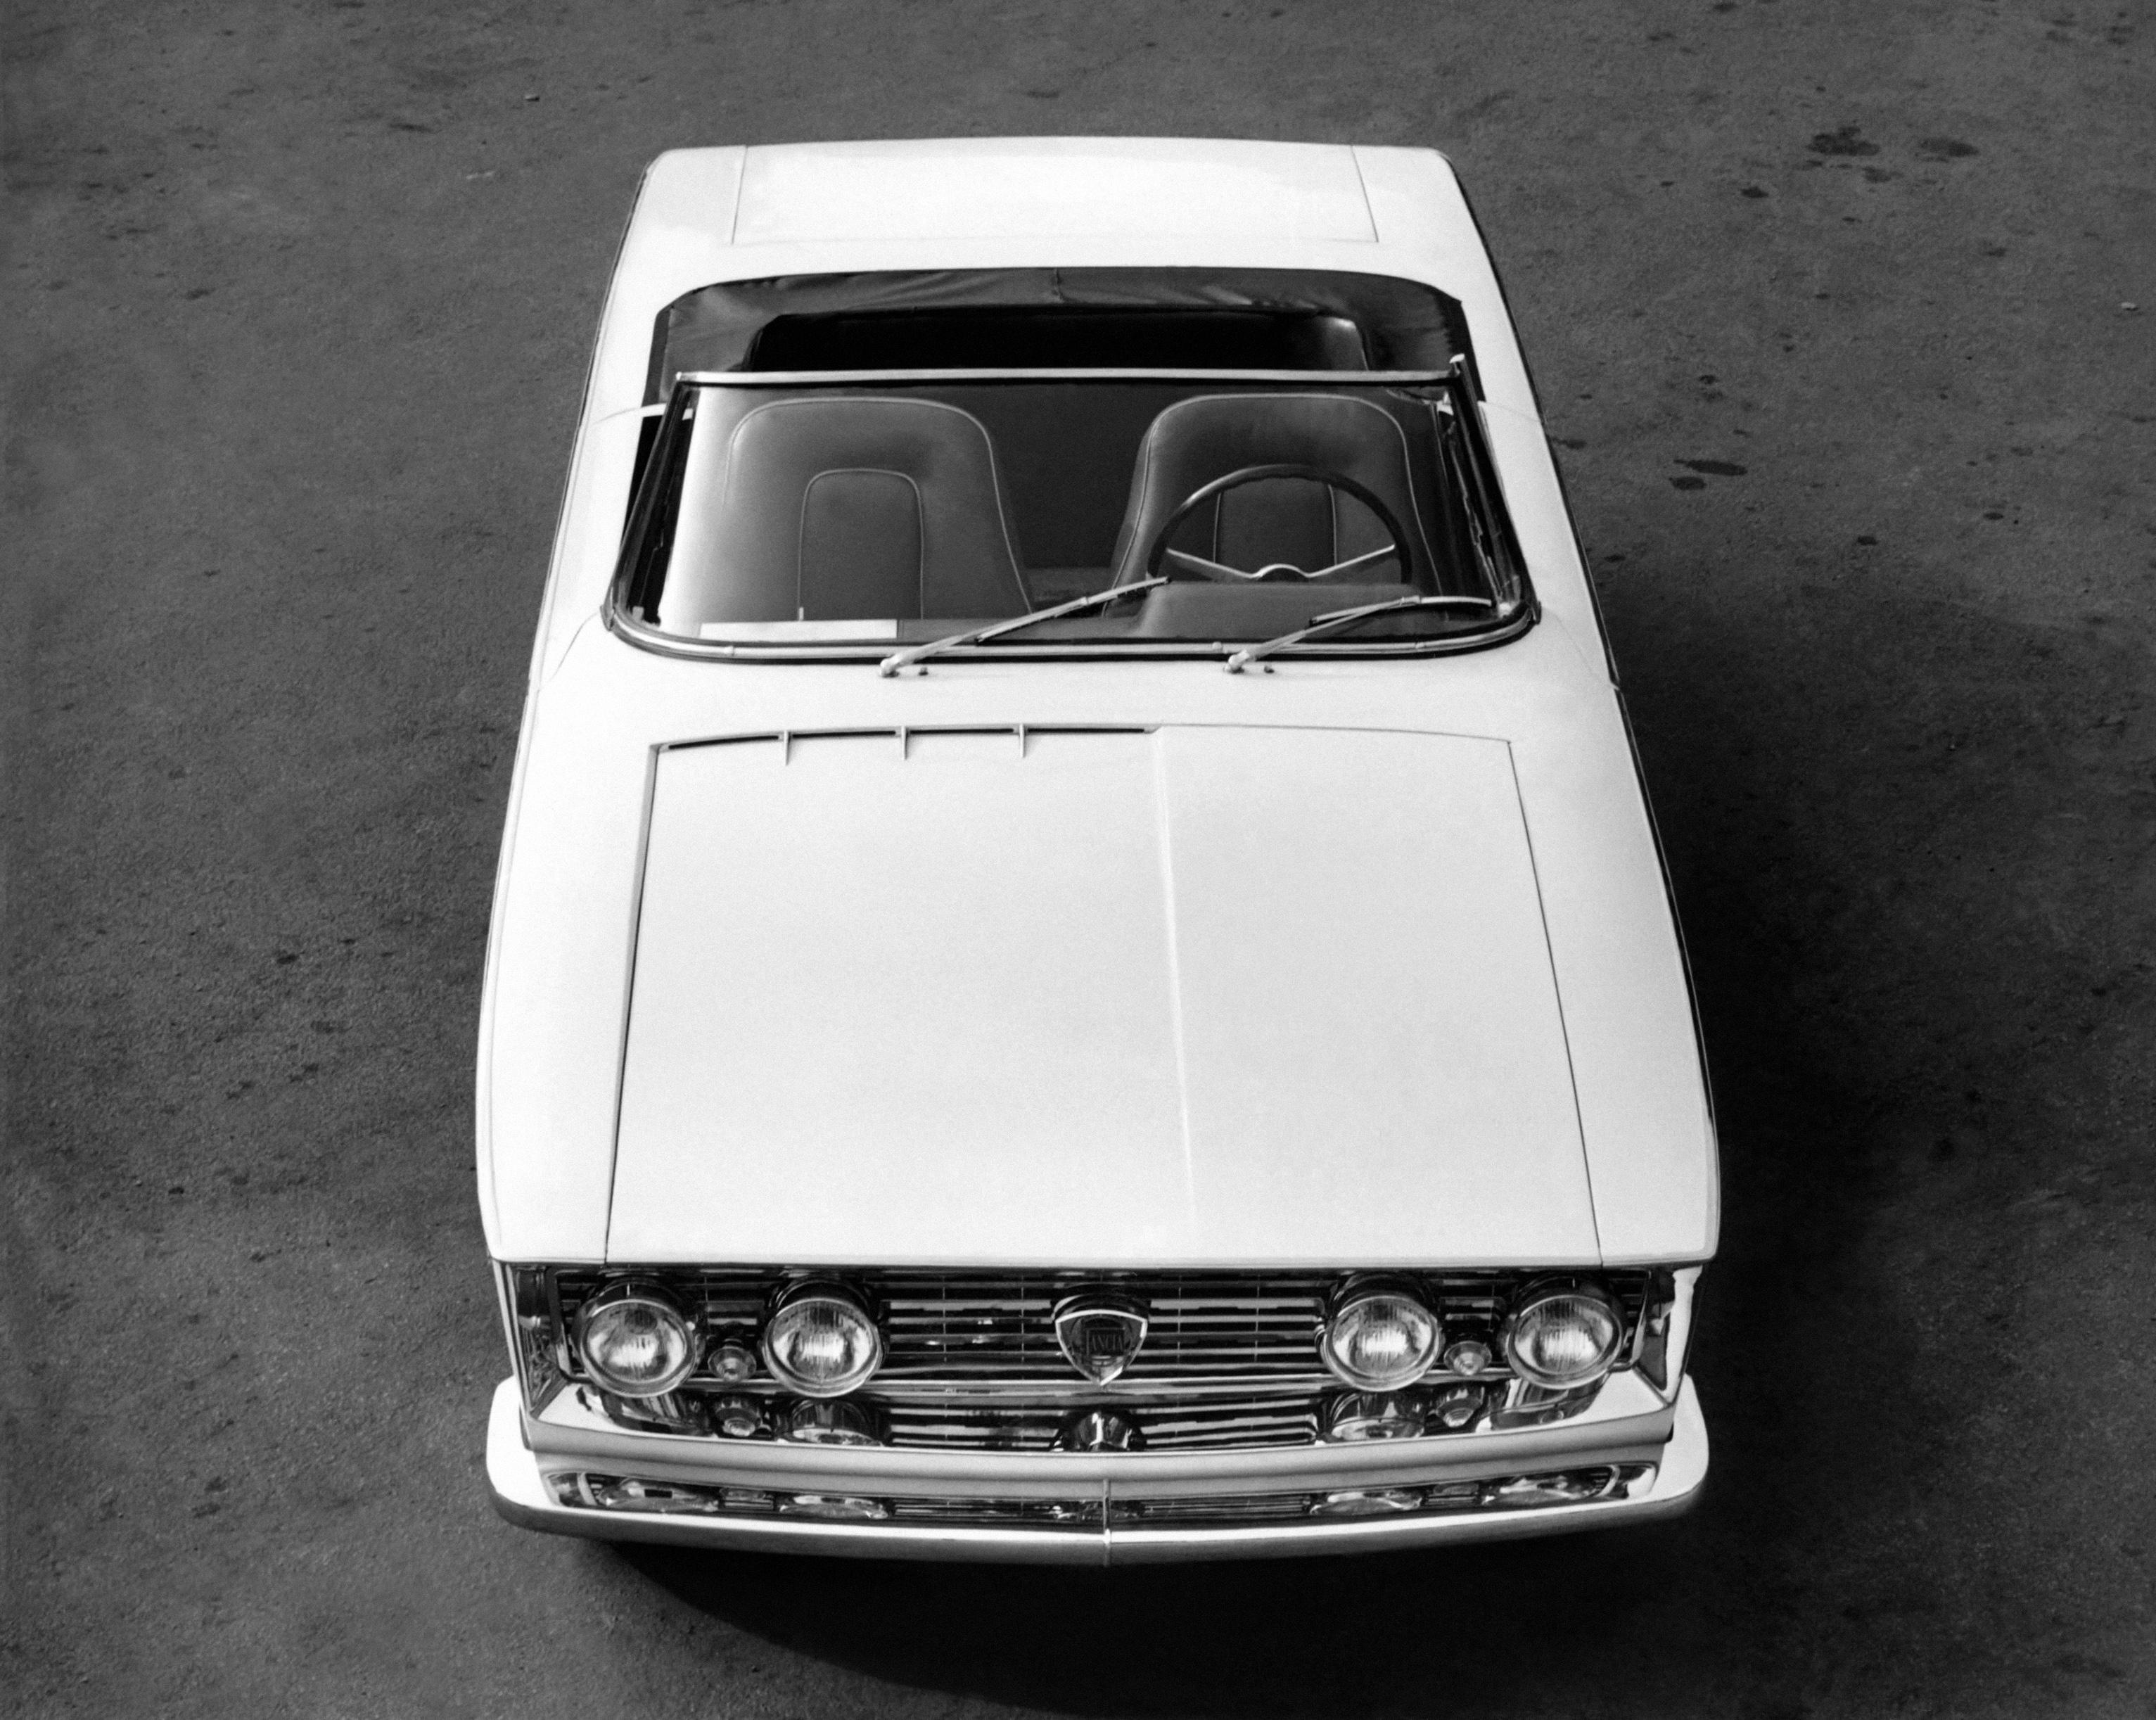 1962-Boneschi-Lancia-Flaminia-Spider-Amalfi-06